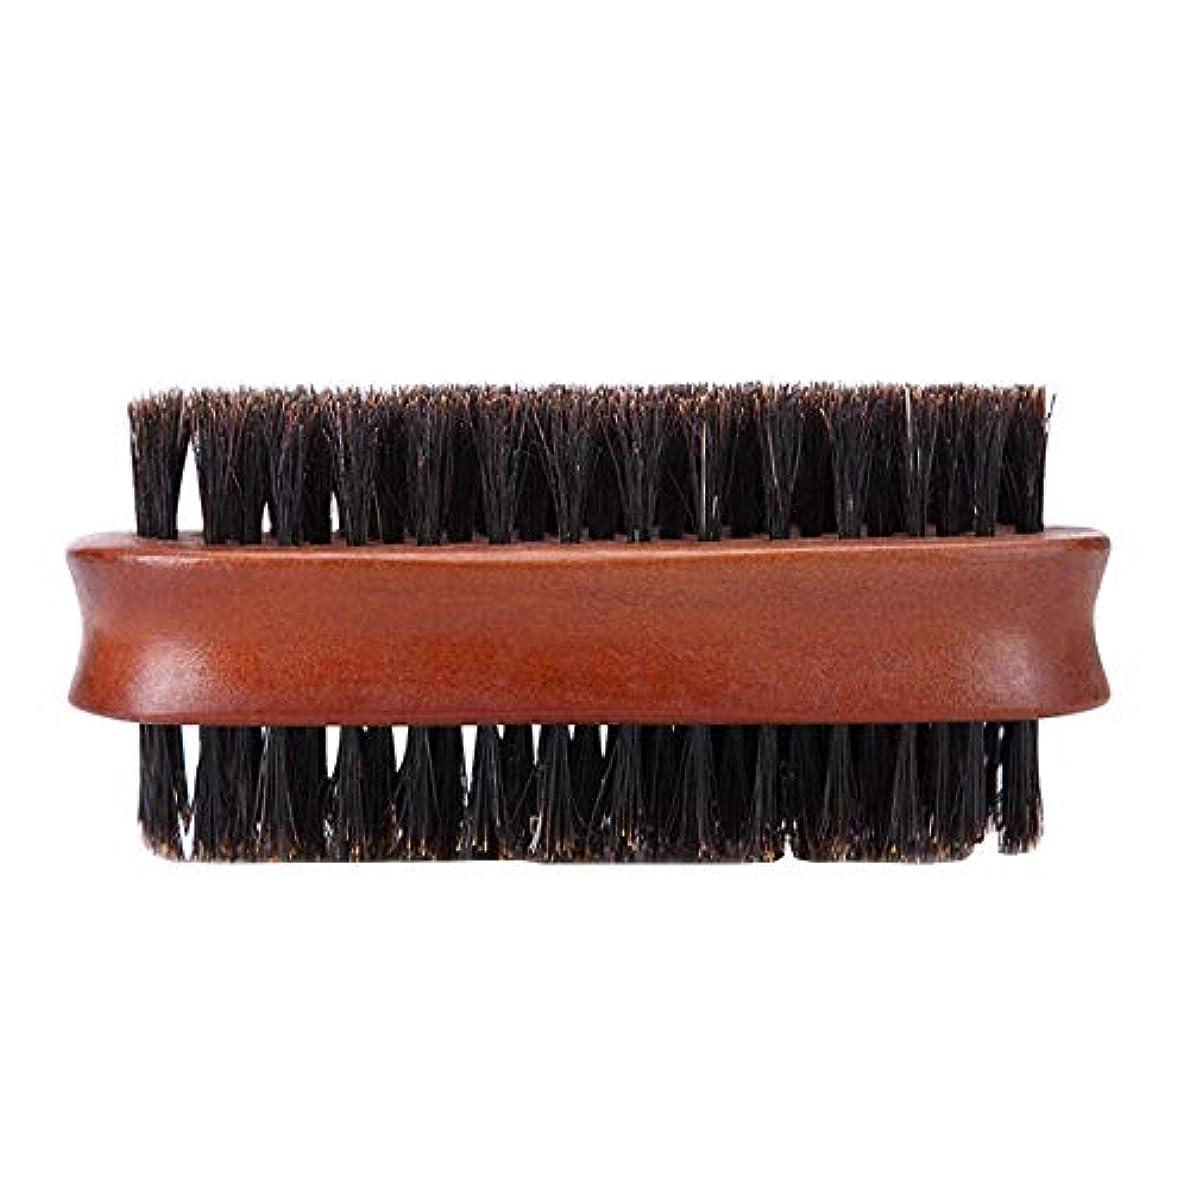 台風カーフ破壊メンズシェービングブラシ木製ブラシ髭ひげのスタイリング二国間のシェービング用品